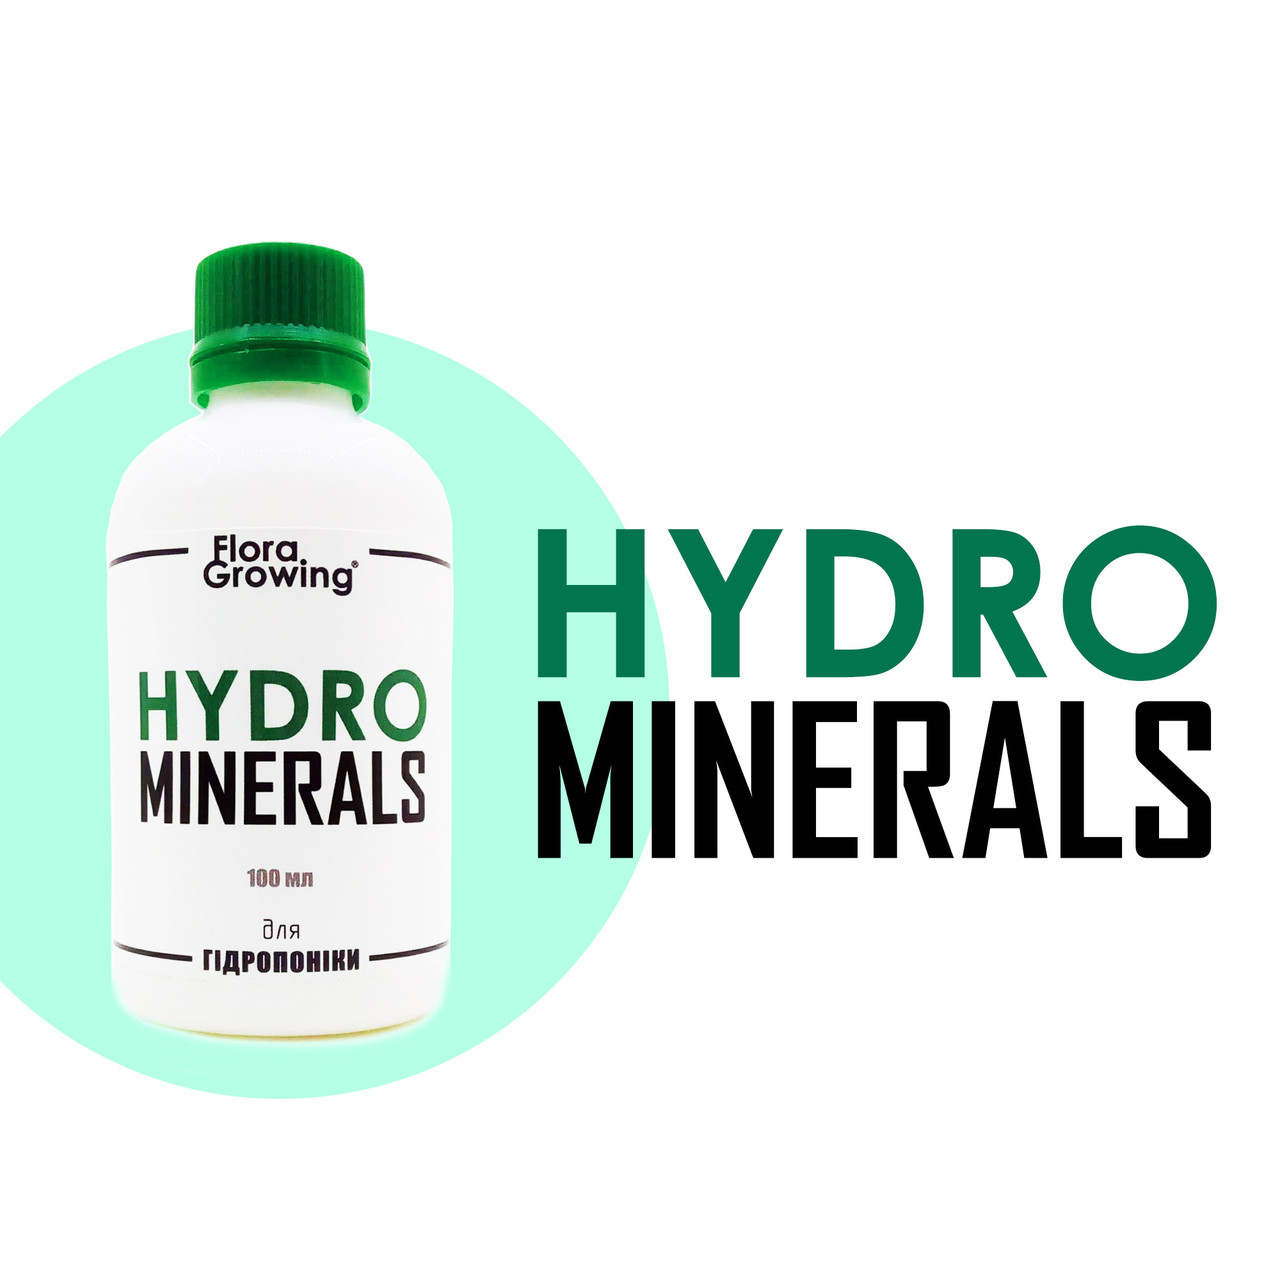 100 мл HydroMinerals - добавка для минерализации поливной воды (аналог CALiMAGic от GHE)